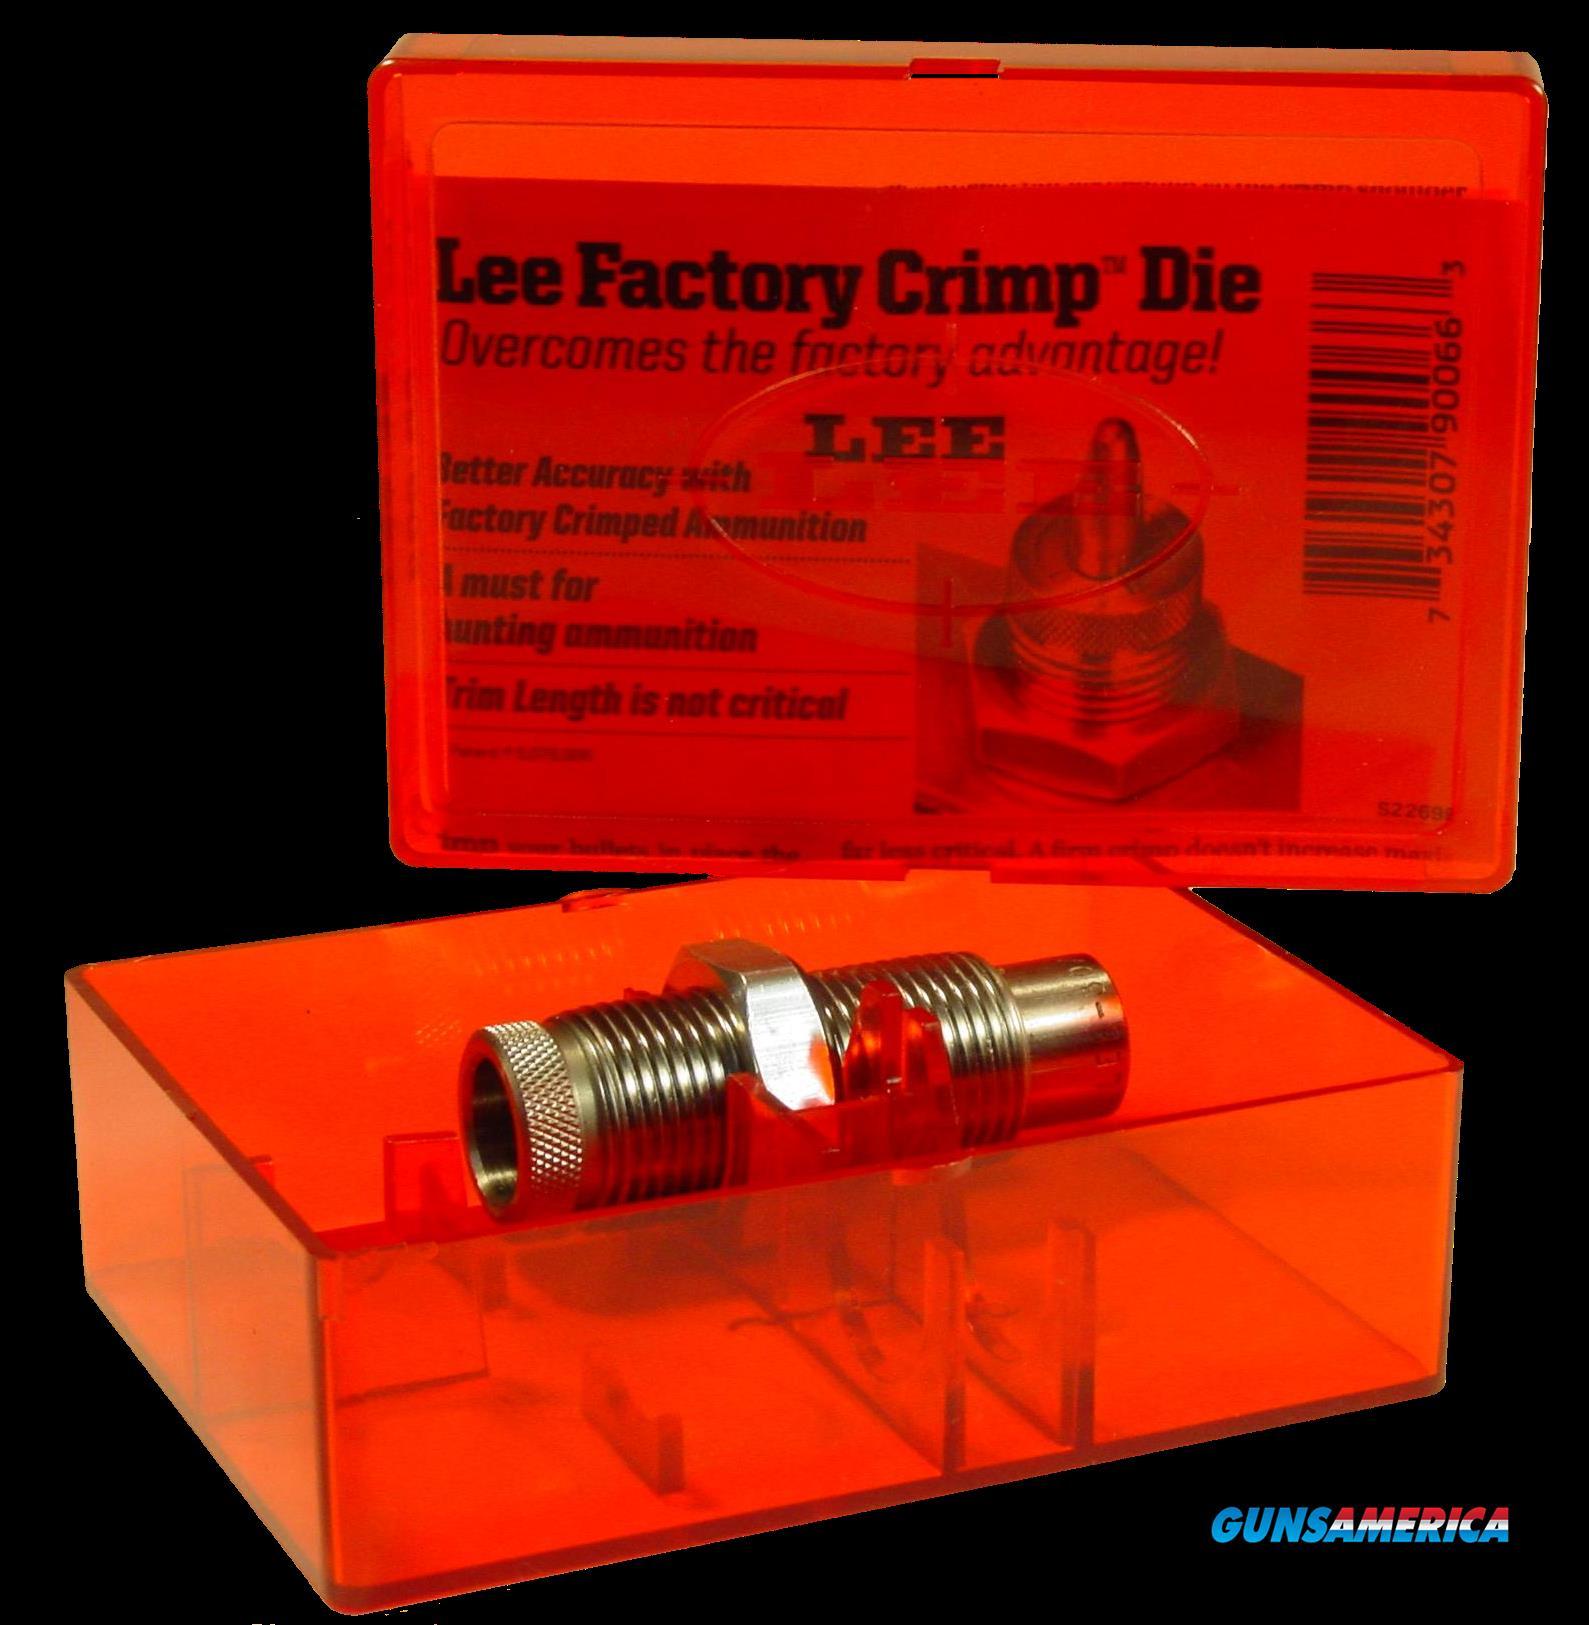 Lee Factory Short Bottle Neck, Lee 90725 Fact Crimp Die 5.7x28 Fn  Guns > Pistols > 1911 Pistol Copies (non-Colt)